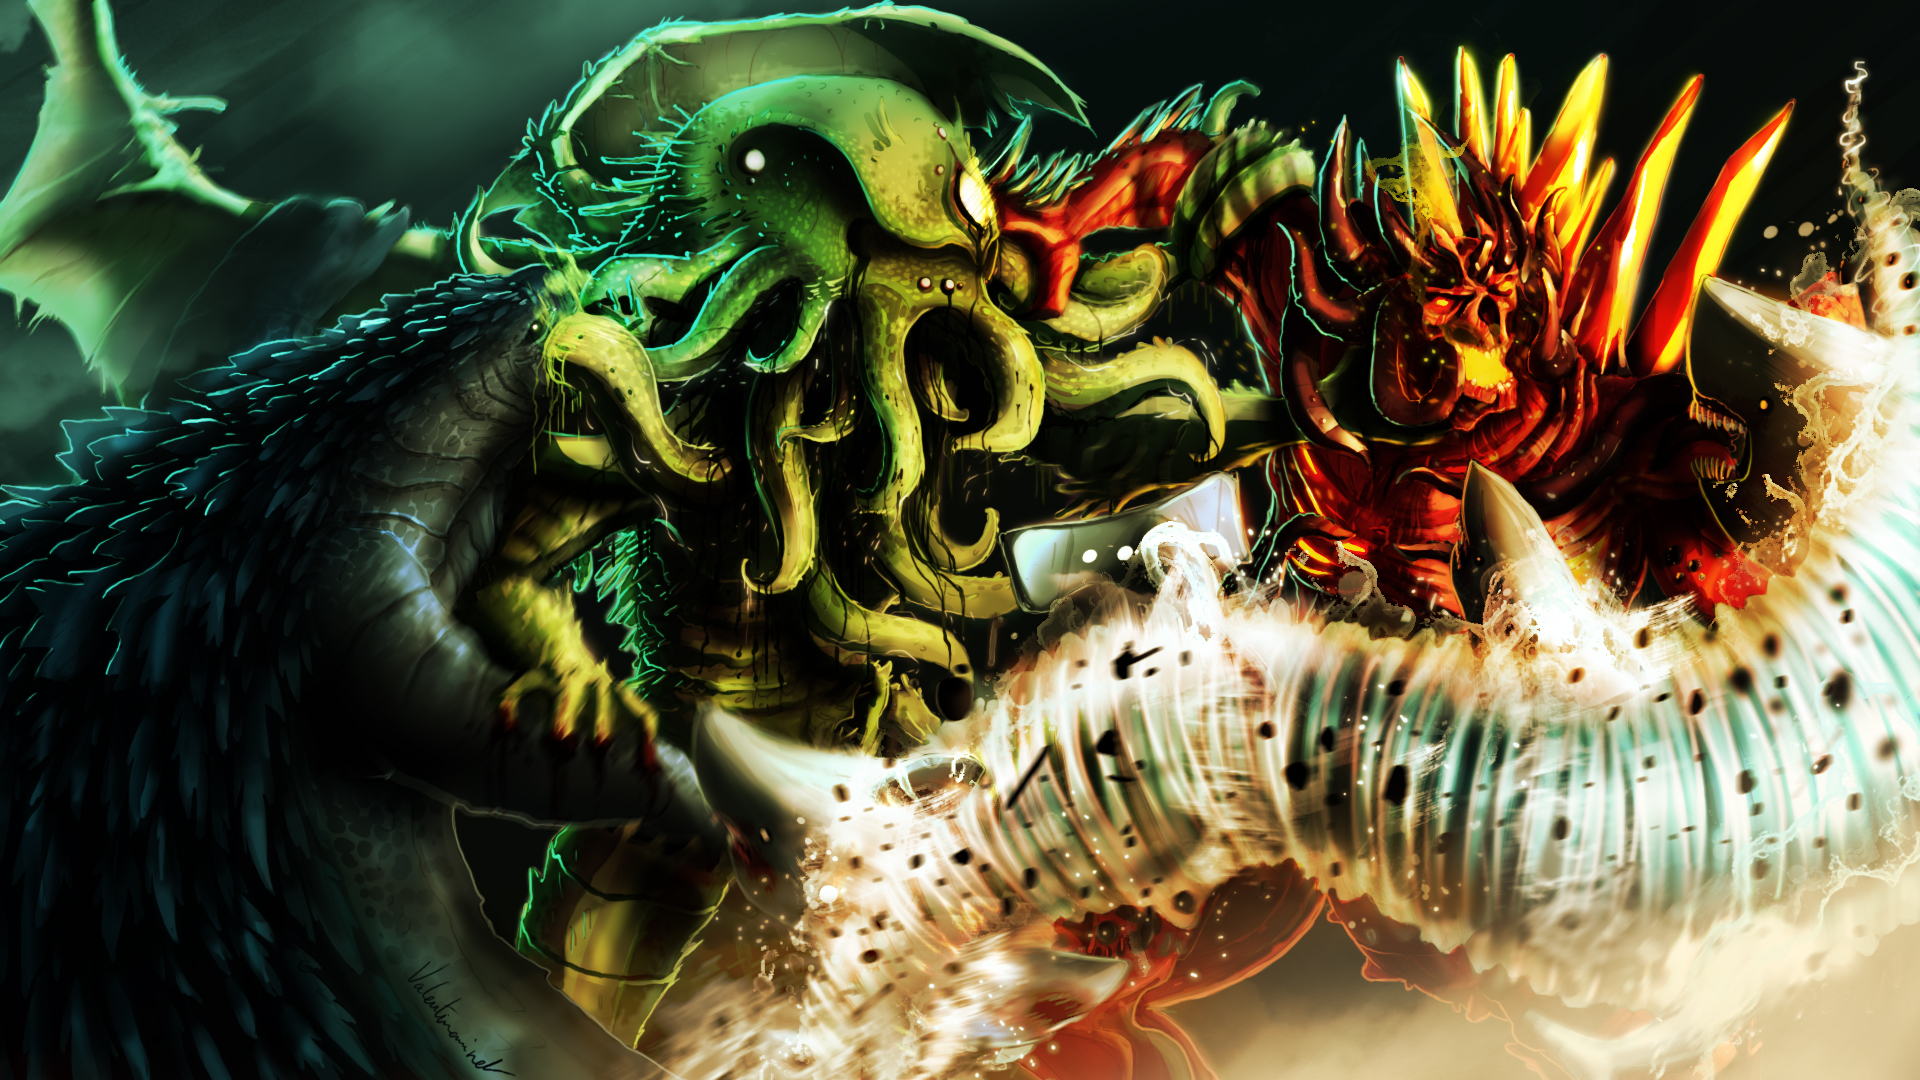 Godzilla Vs Cthulhu Poster